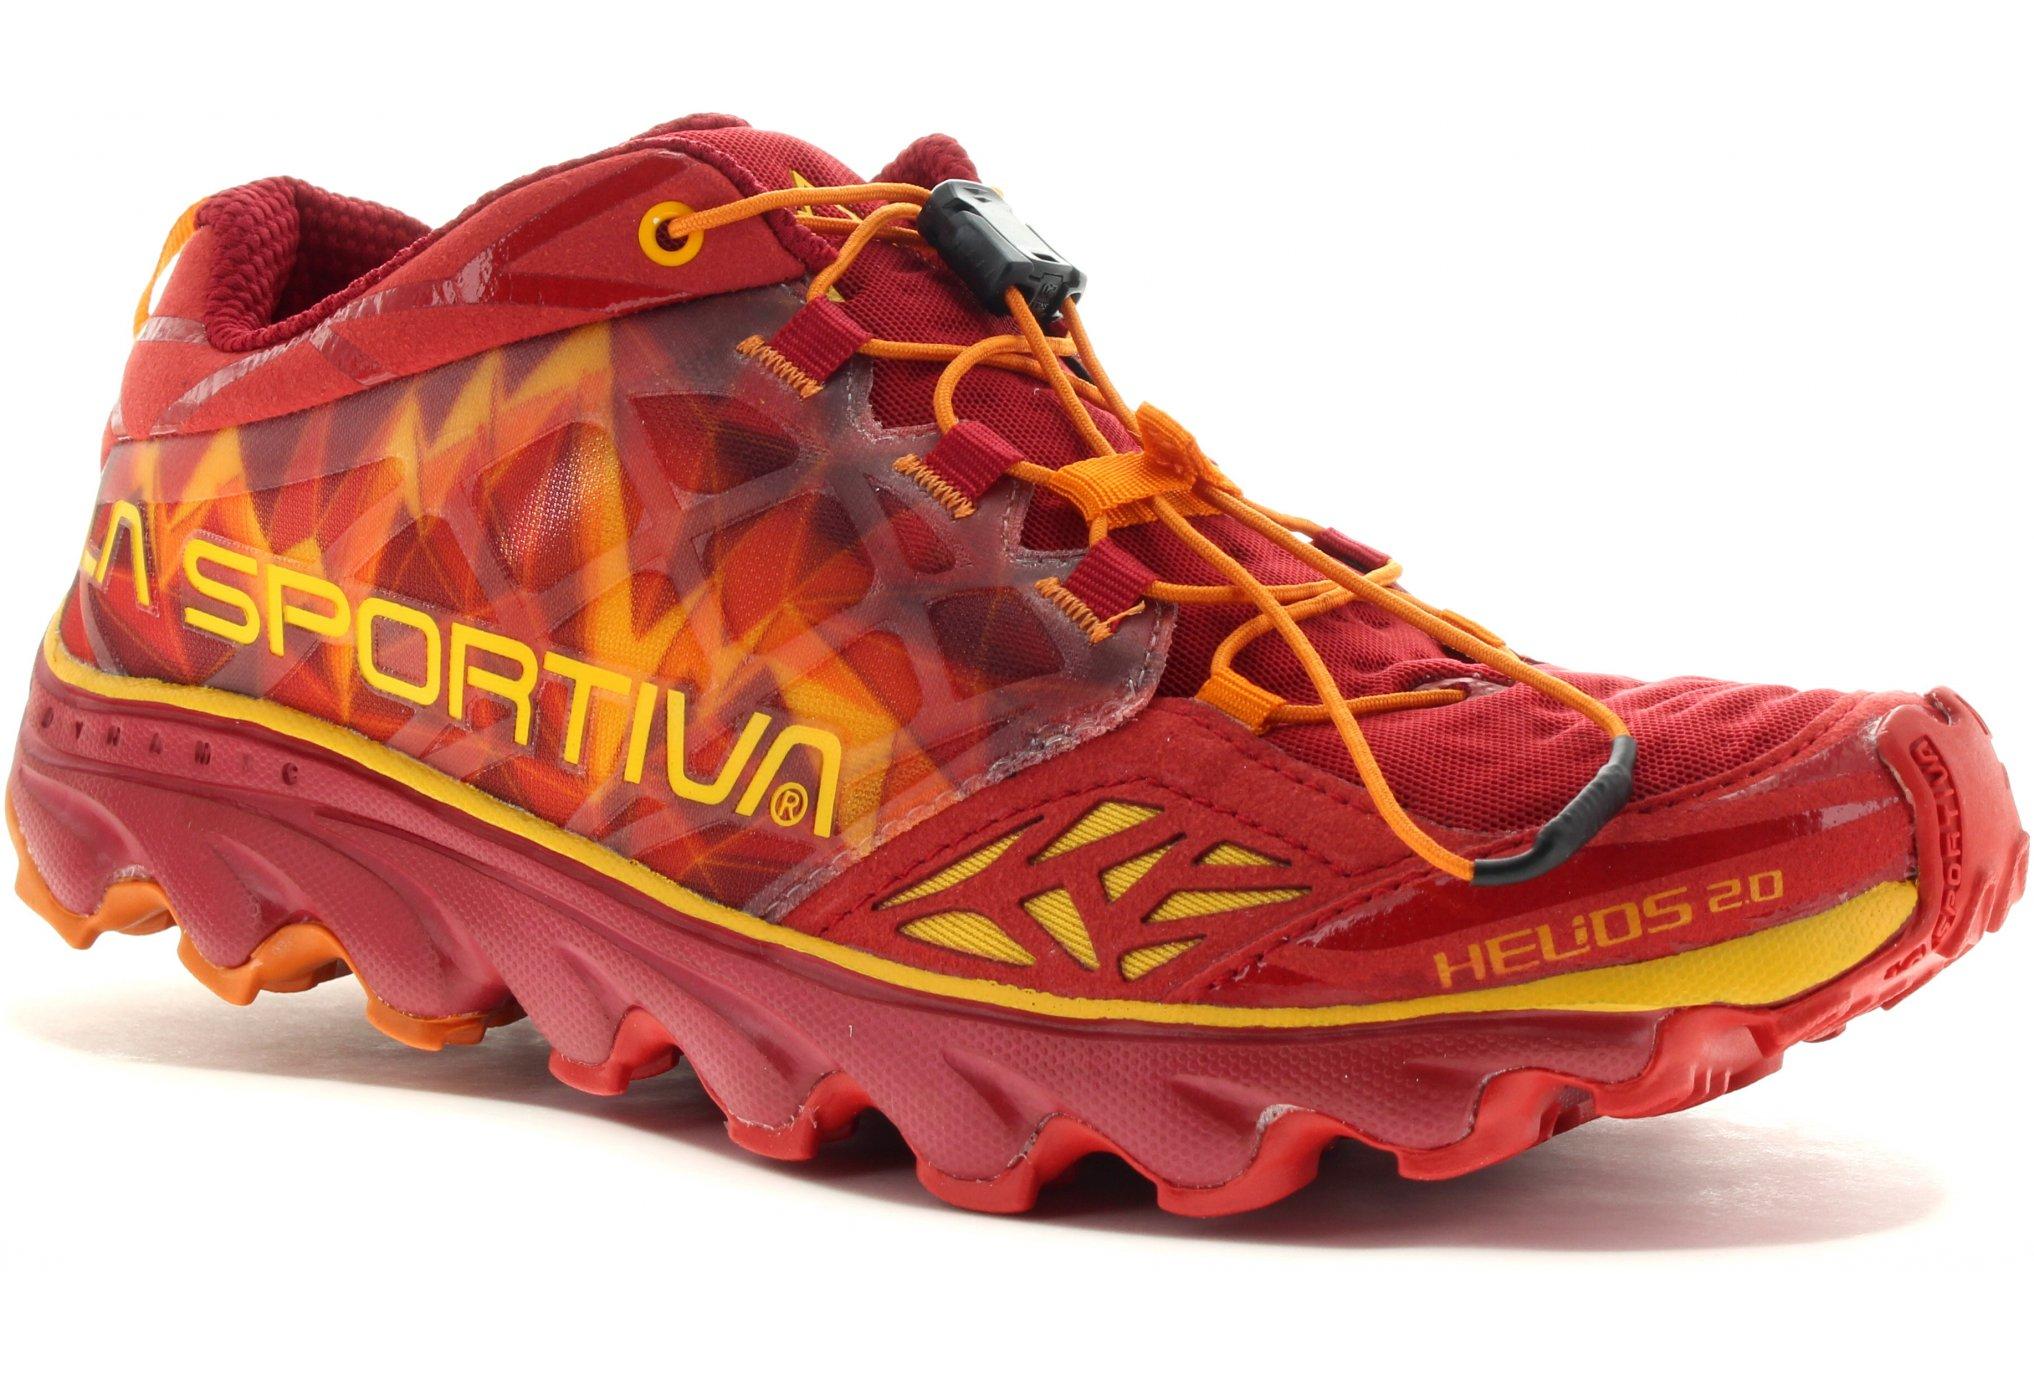 La Sportiva Helios 2.0 W Diététique Chaussures femme